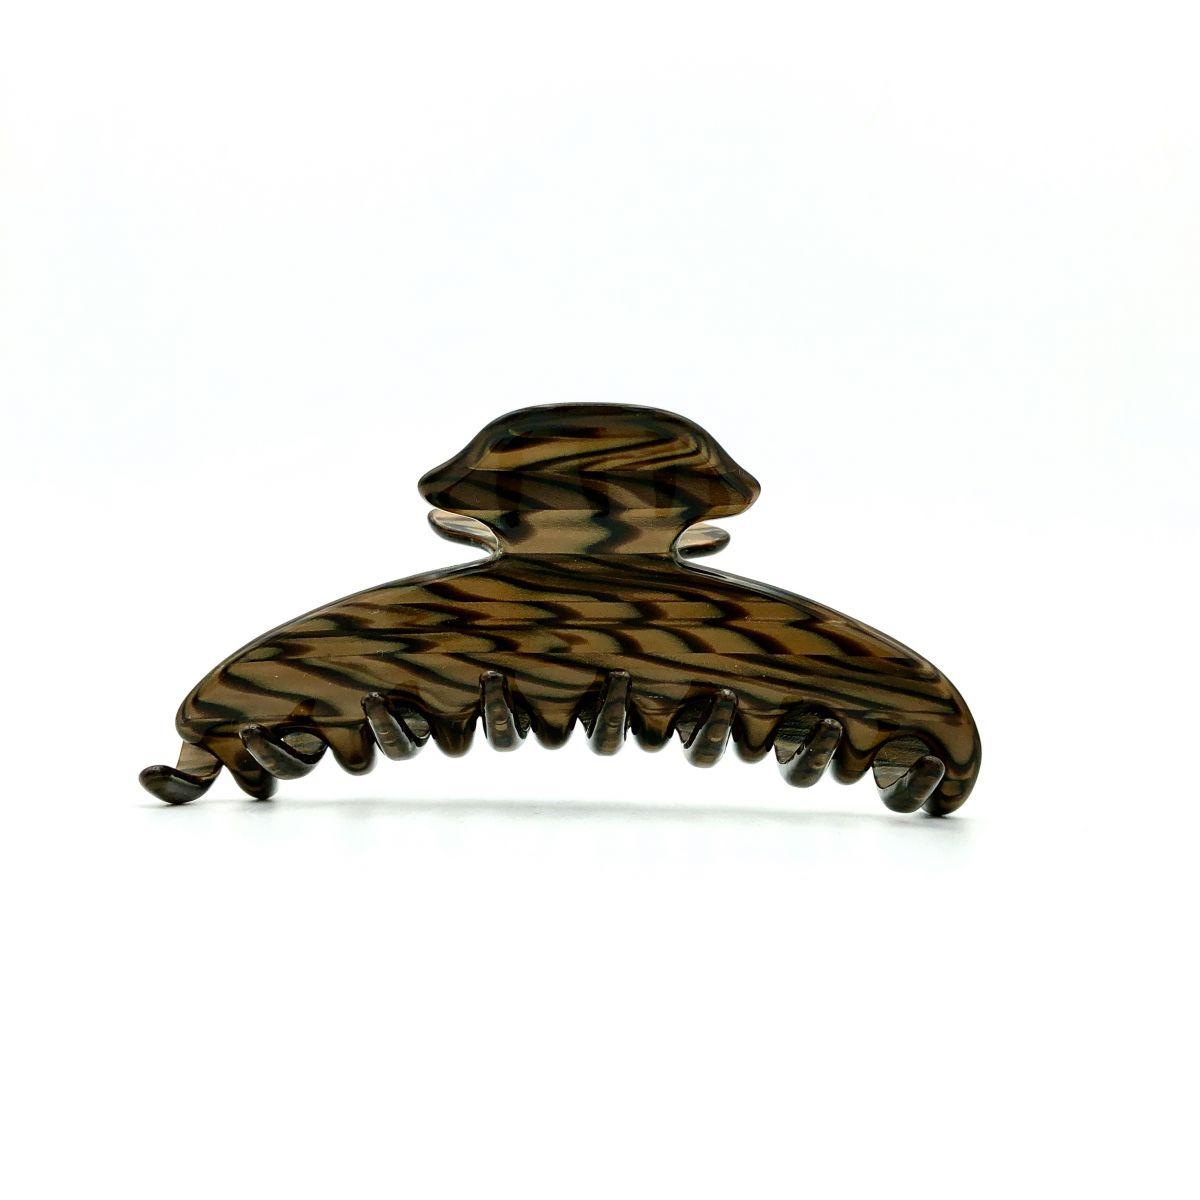 Haarklammer dunkelbraun - mittel, eng - 9 cm